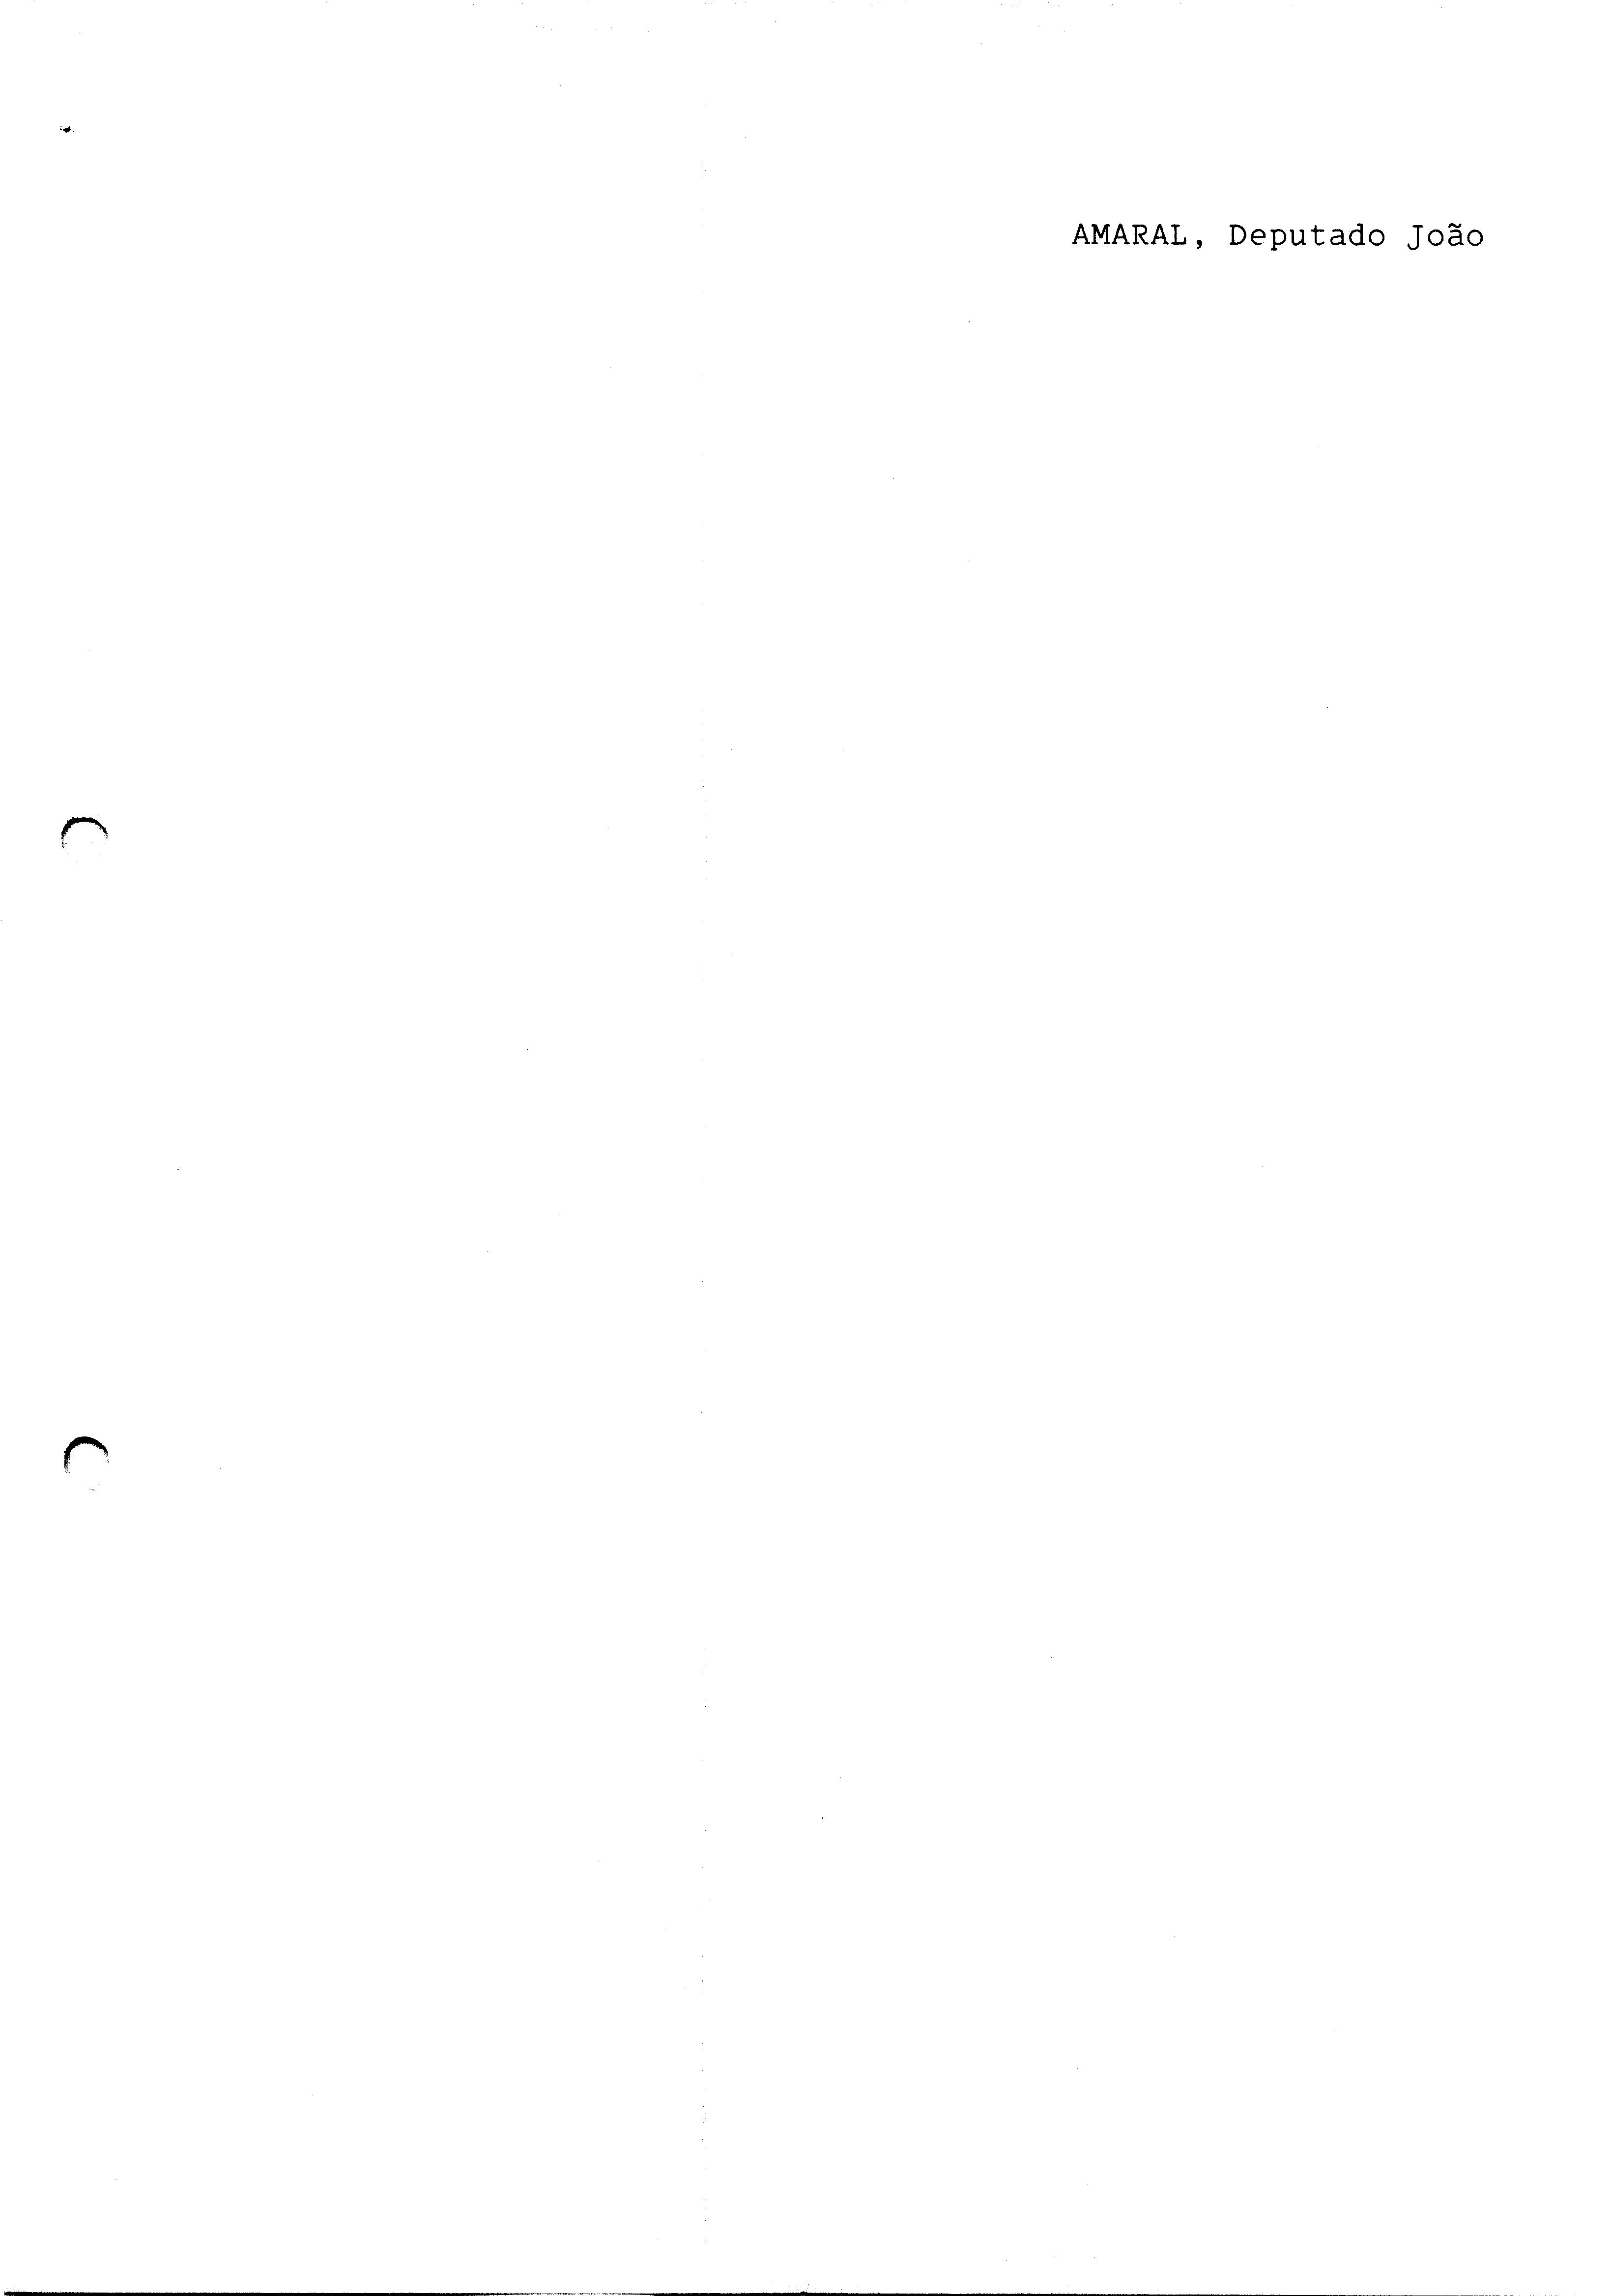 01828.003- pag.1